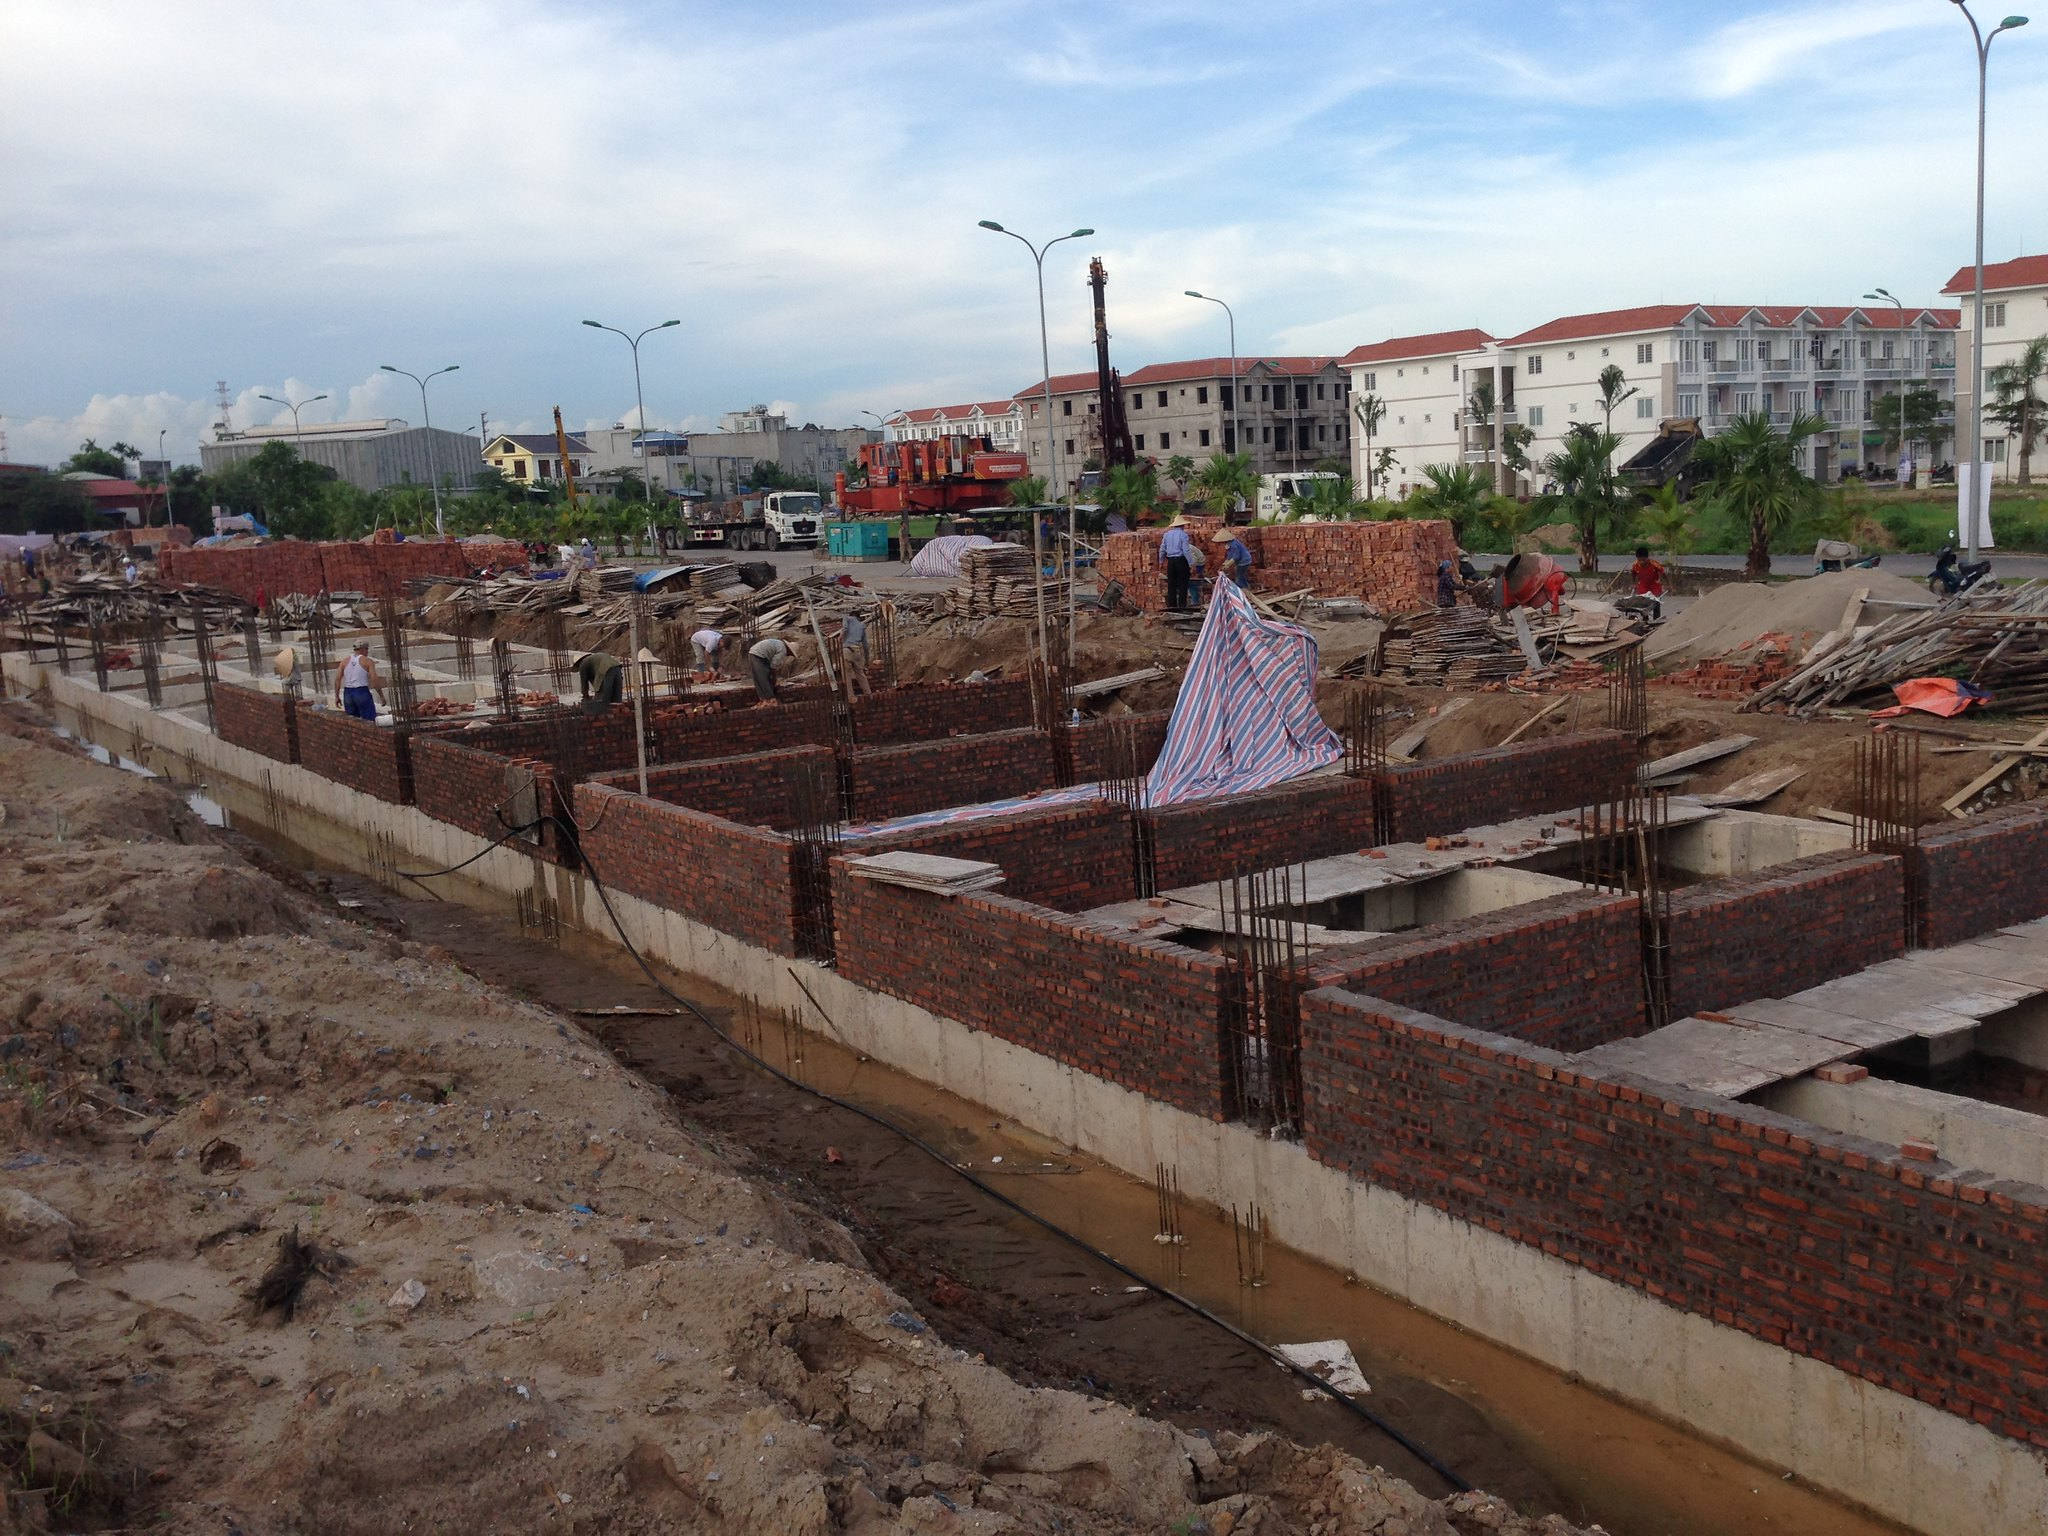 """Bán nhà An Đồng - khu chung cư Pruksa Town   <img src=""""images/"""" width="""""""" height="""""""" alt=""""Công ty Bất Động Sản Tanlong Land"""">"""